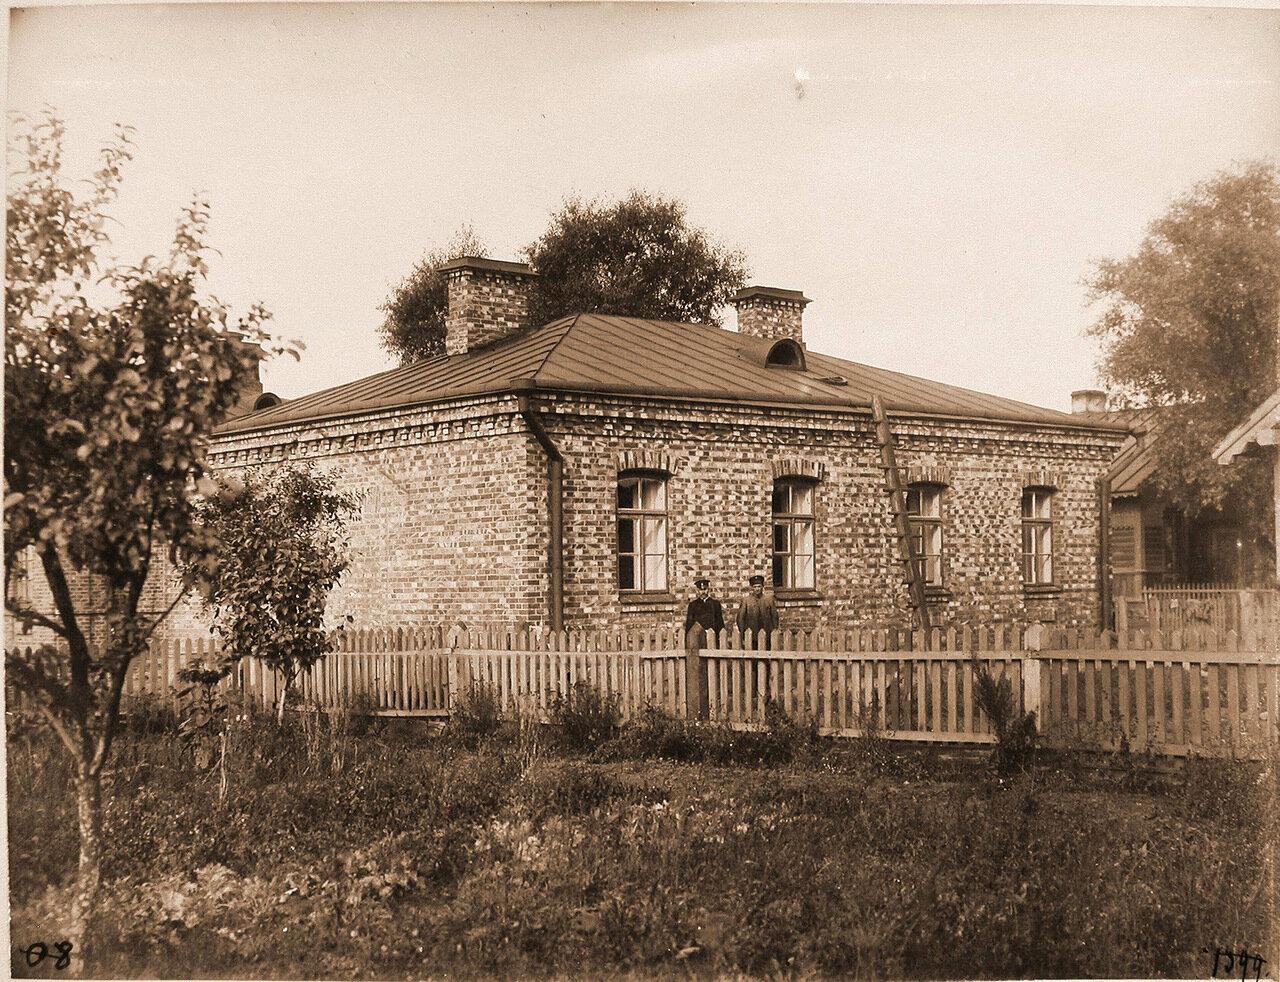 Ломжинская губерния. Станция Малкин. 967 верста. Служащие у дома, где находились паровозные бригады